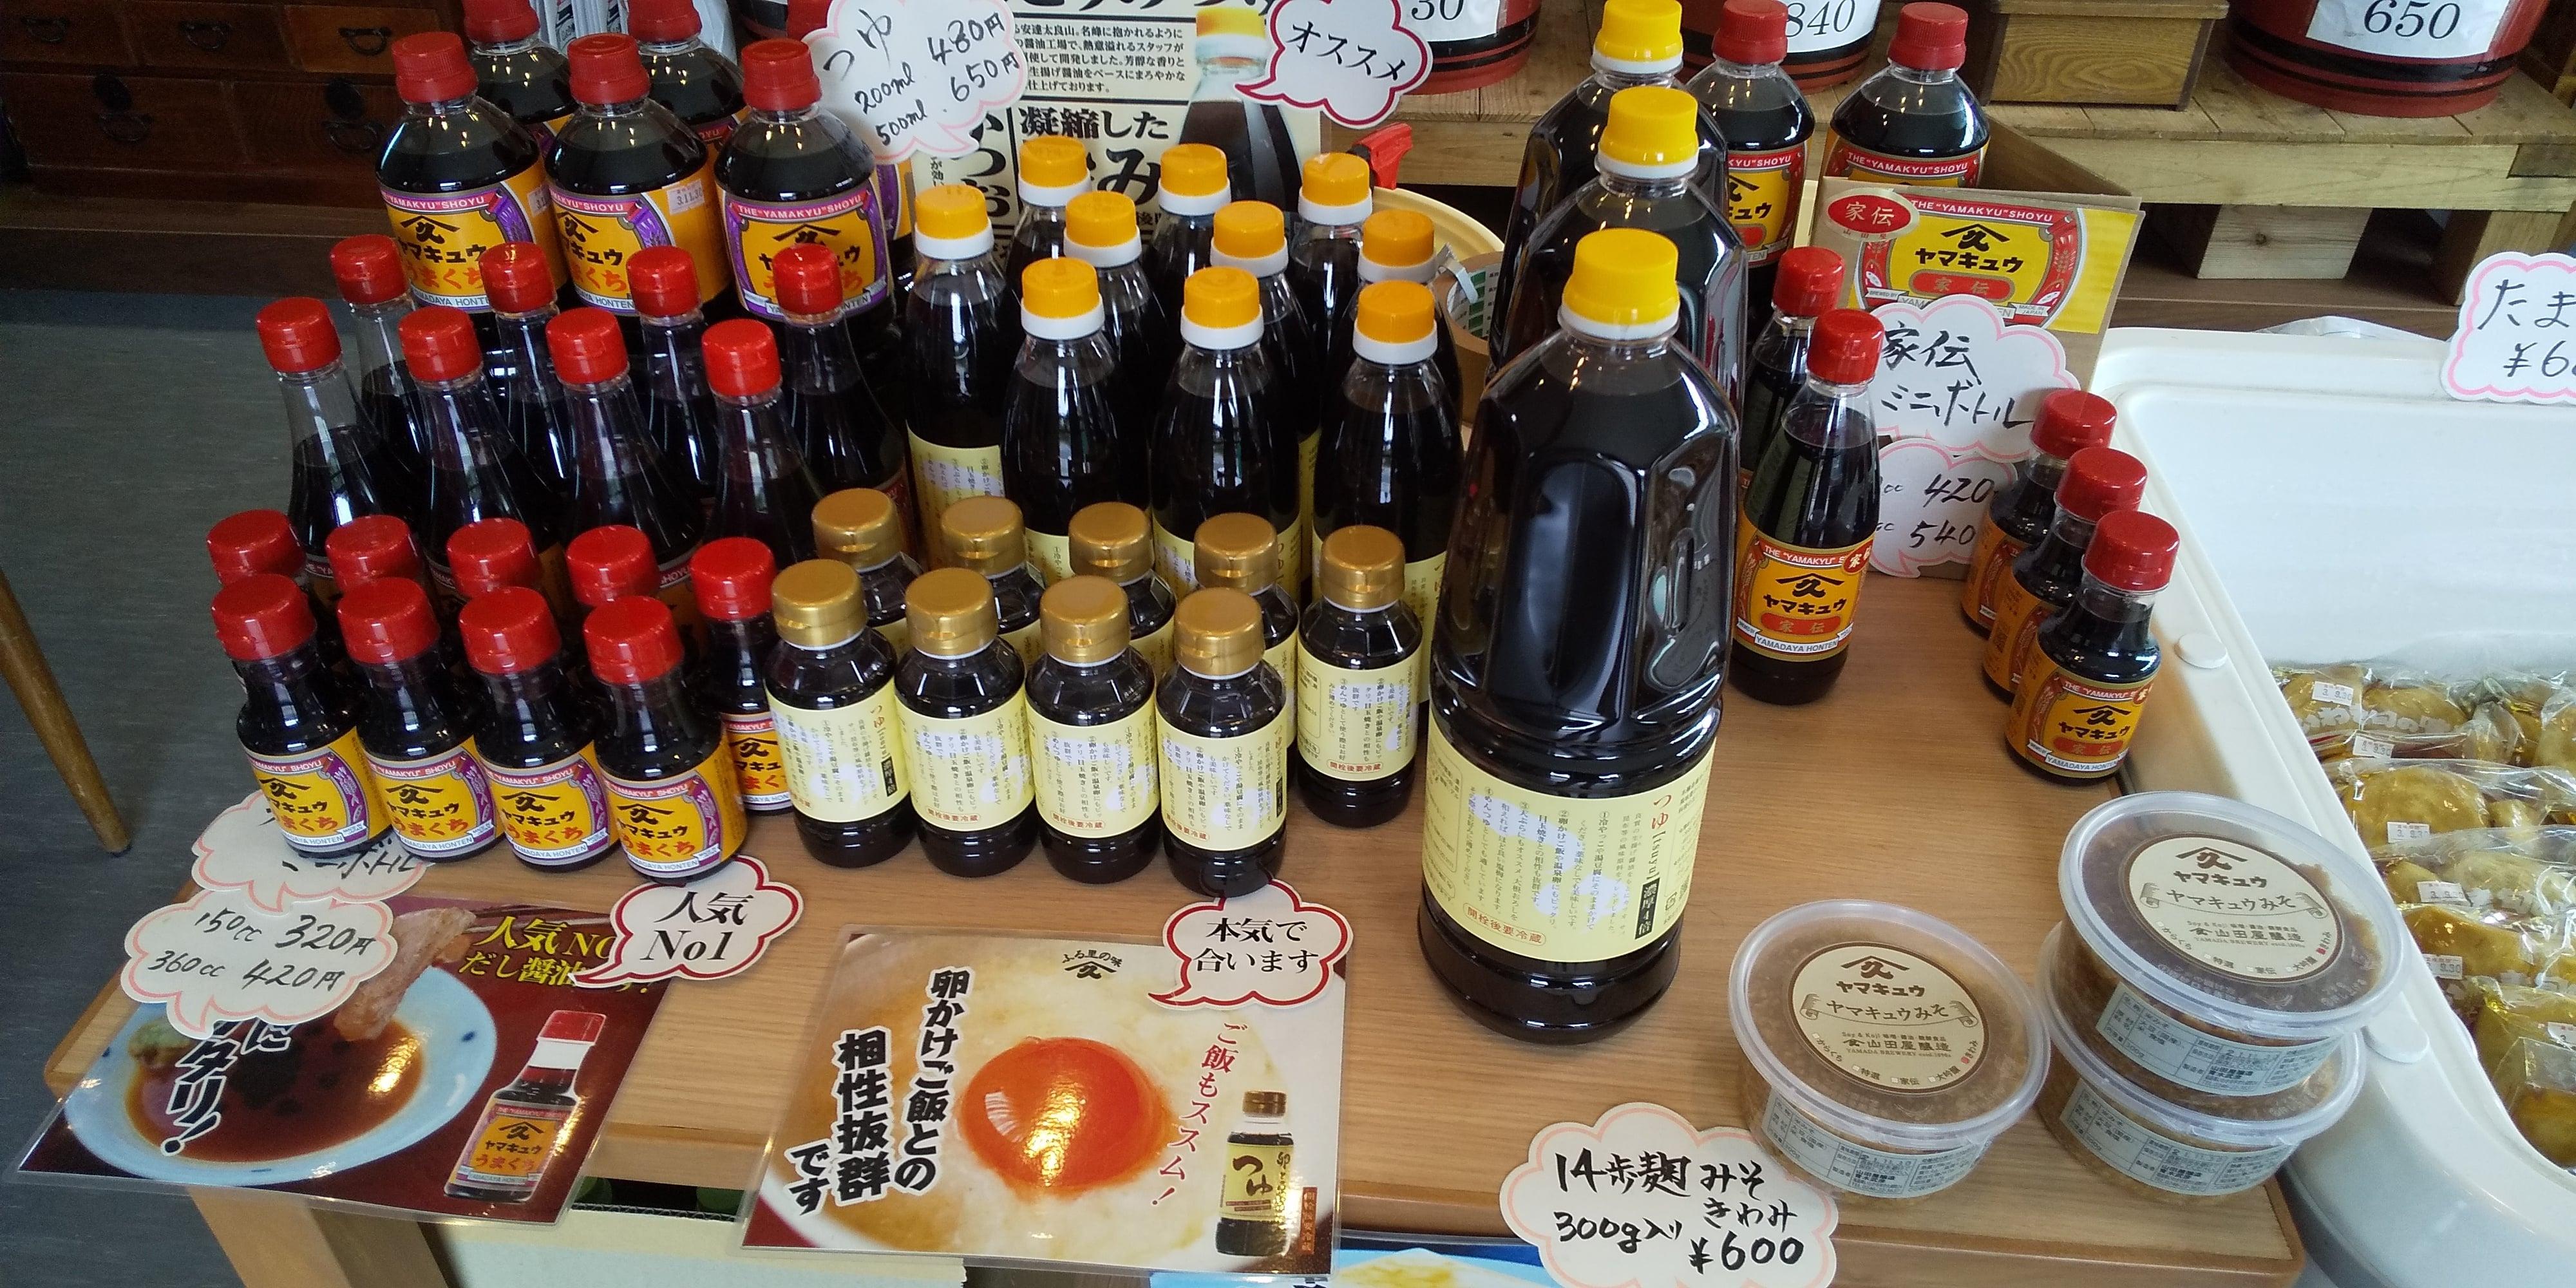 【プロ人材コーディネート】<br/>いわきの老舗味噌醤油屋、山田屋醸造さんの新たなチャレンジ!